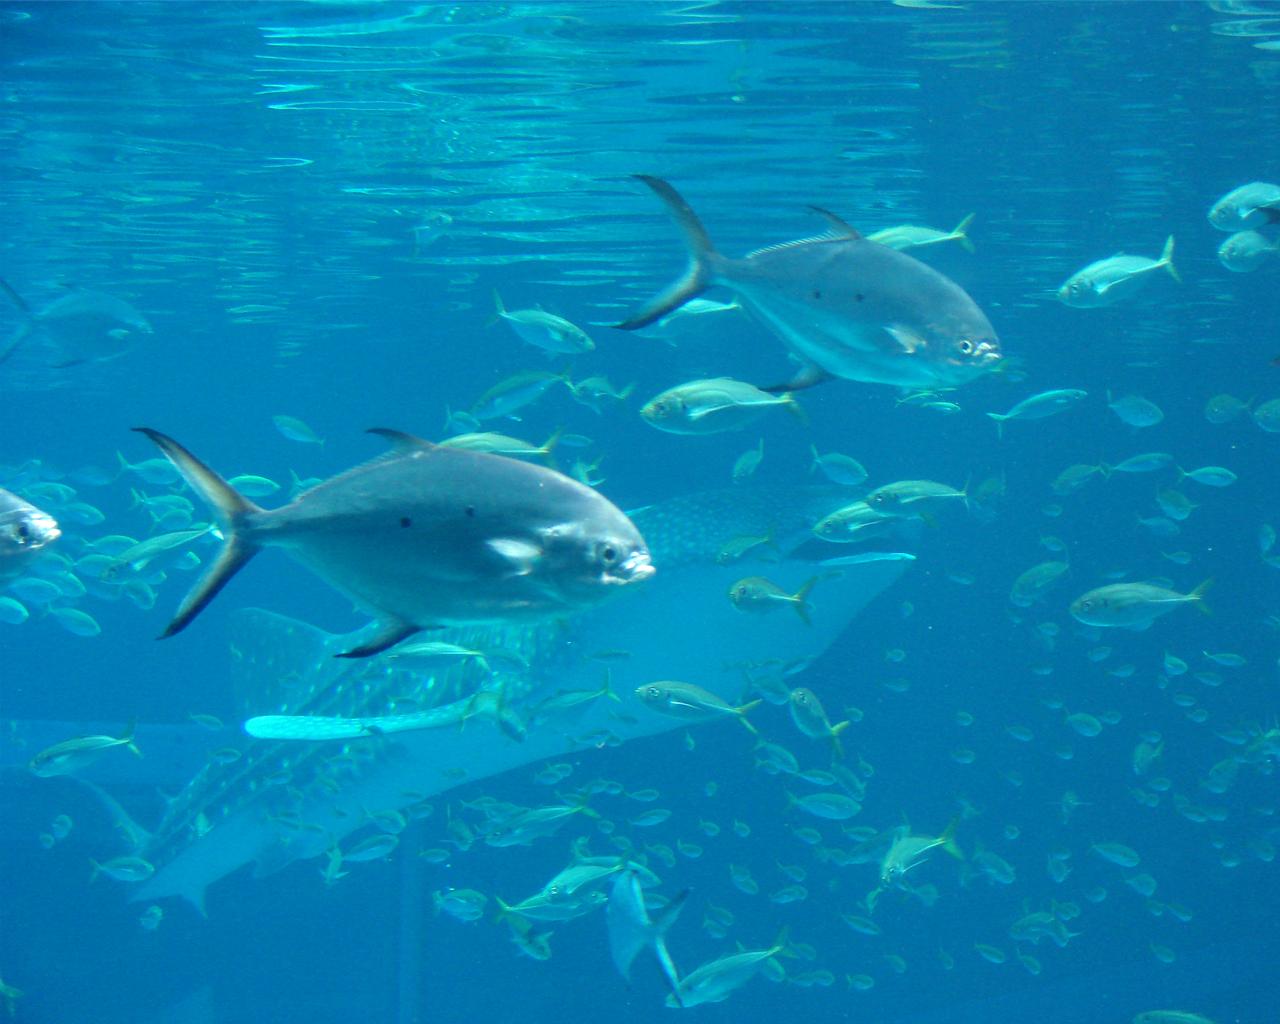 shark aquarium wallpaper amazing wallpapers